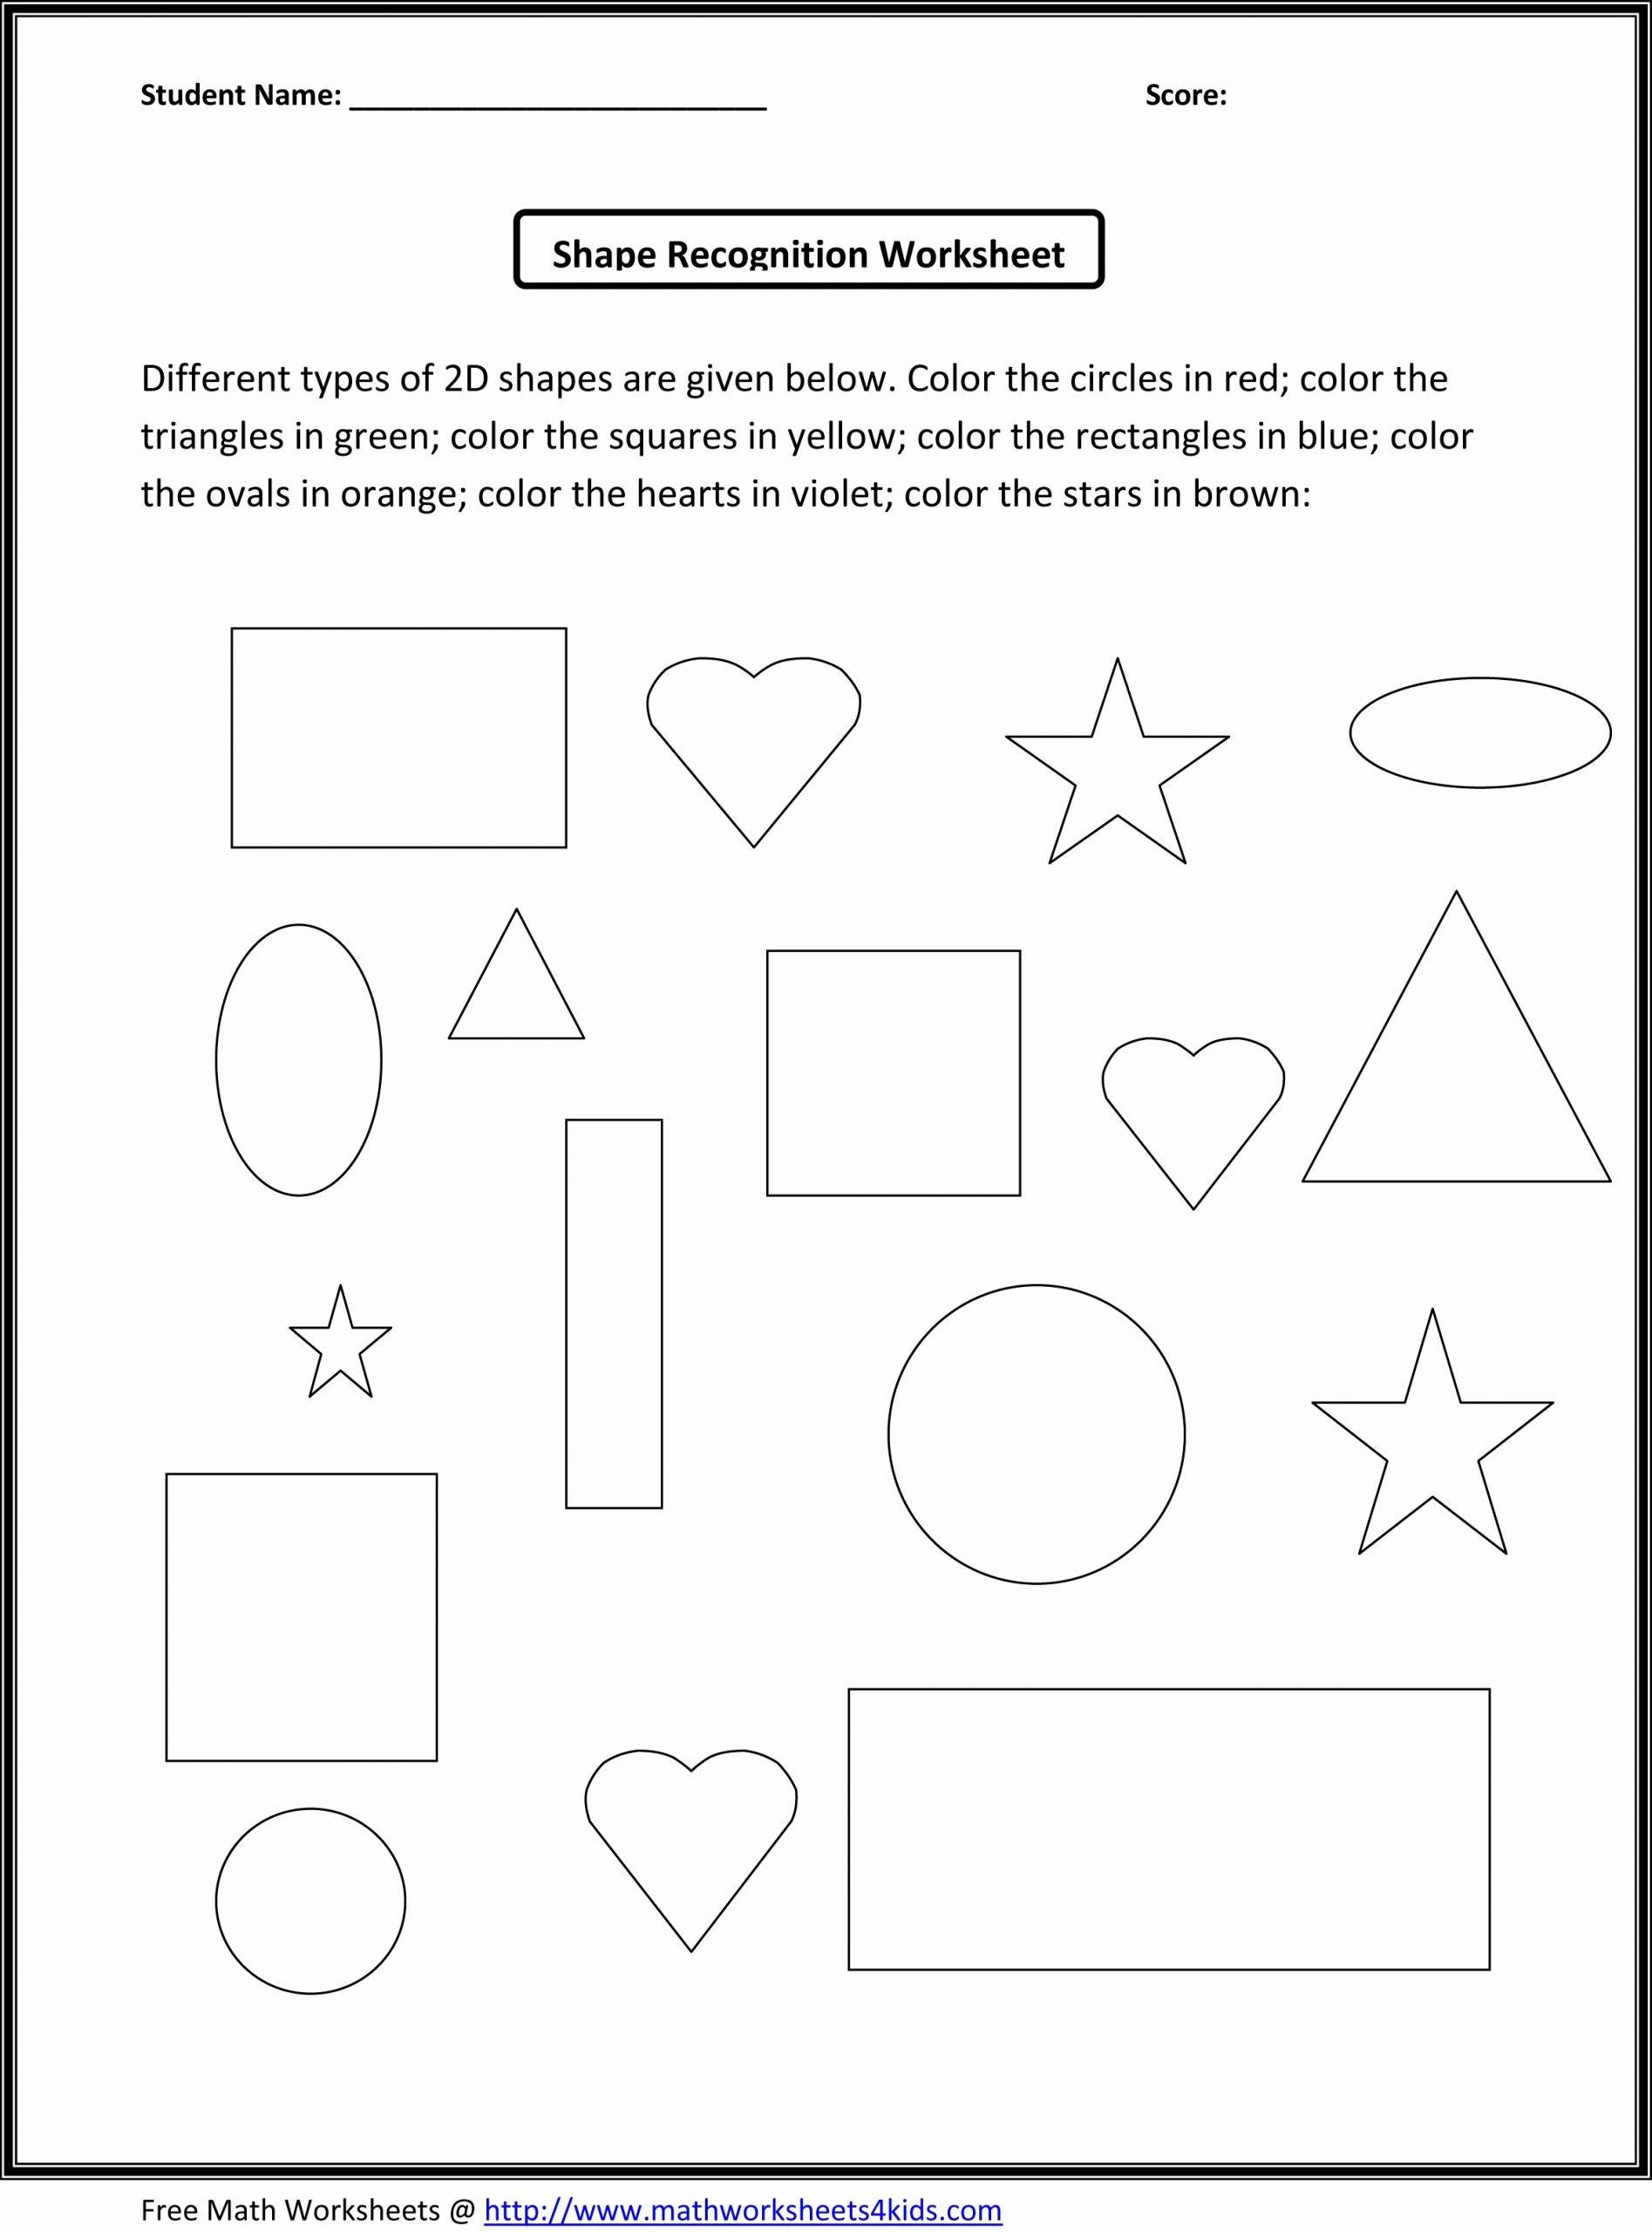 Shape Recognition Worksheets for Preschoolers Awesome Kindergarten Math Worksheets